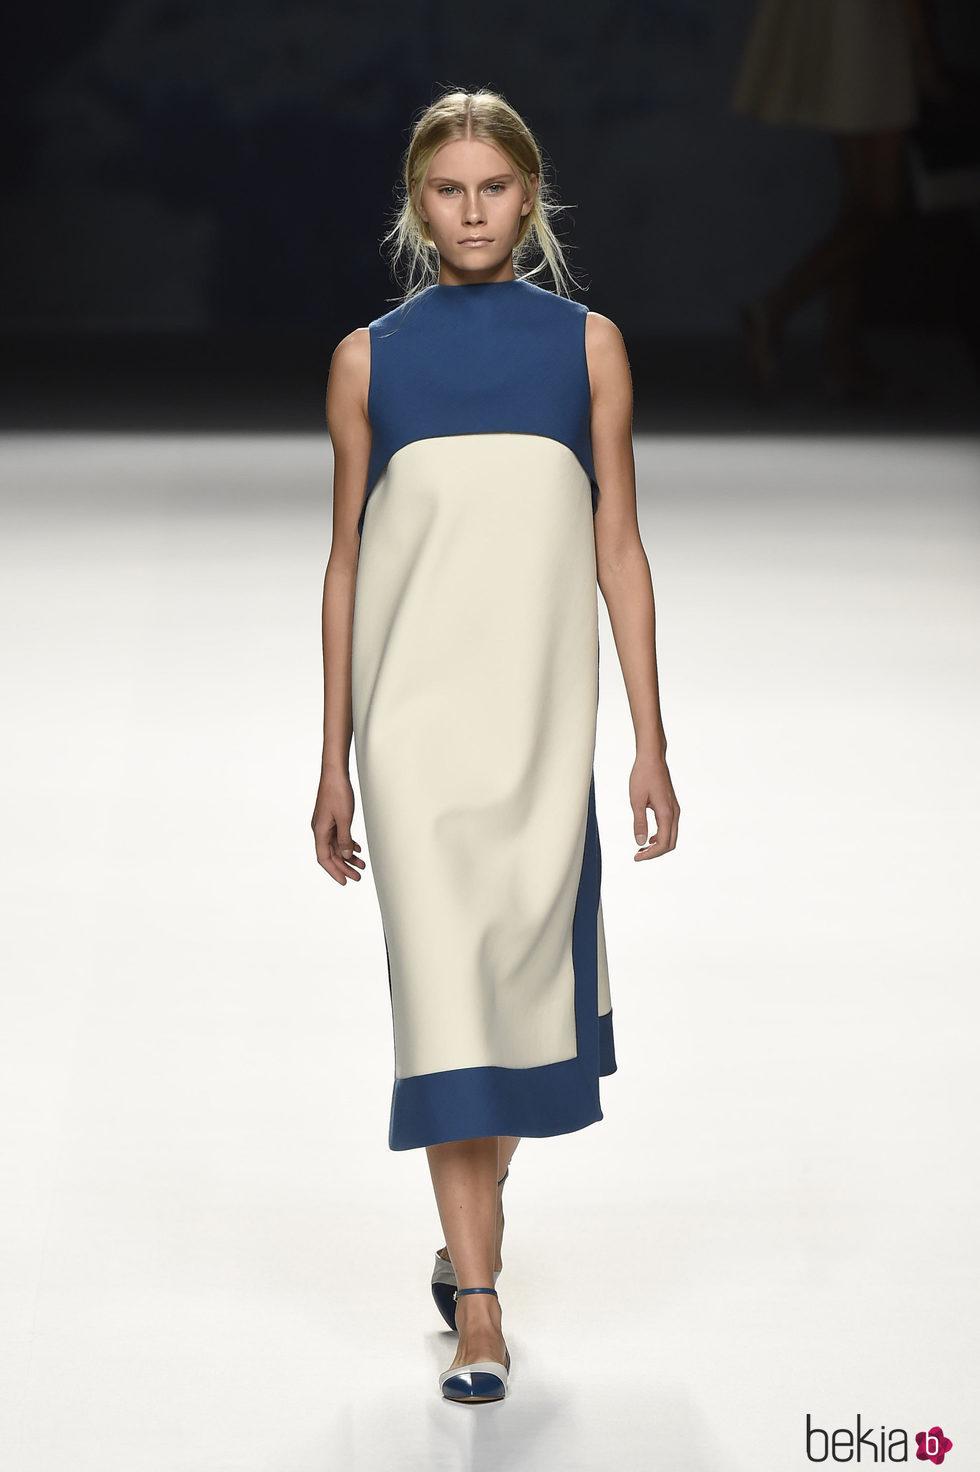 Vestido largo azul y blanco de Devota & Lomba primavera/verano 2017 en Madrid Fashion Week